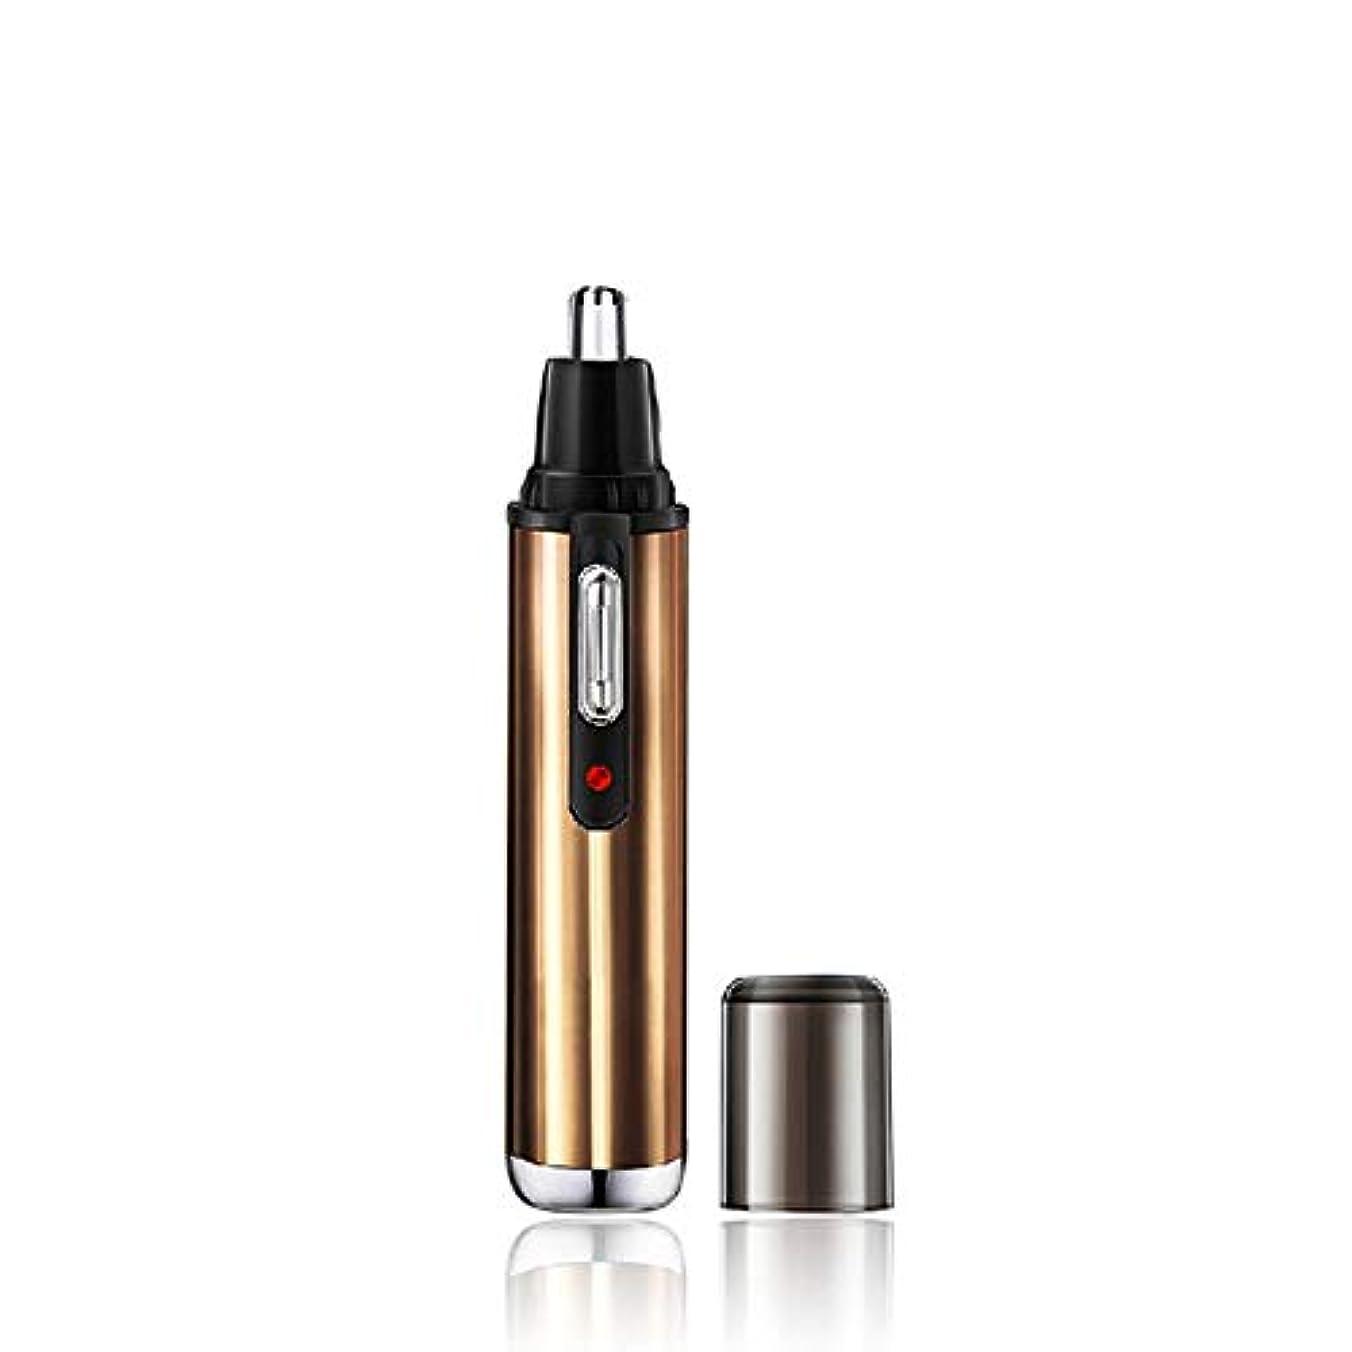 魅力的落とし穴霜ノーズヘアトリマー-ファッションアルミ素材ノーズヘアトリマー/カッターヘッド洗浄滅菌設計/低電圧防爆省エネ/多機能バージョン 持つ価値があります